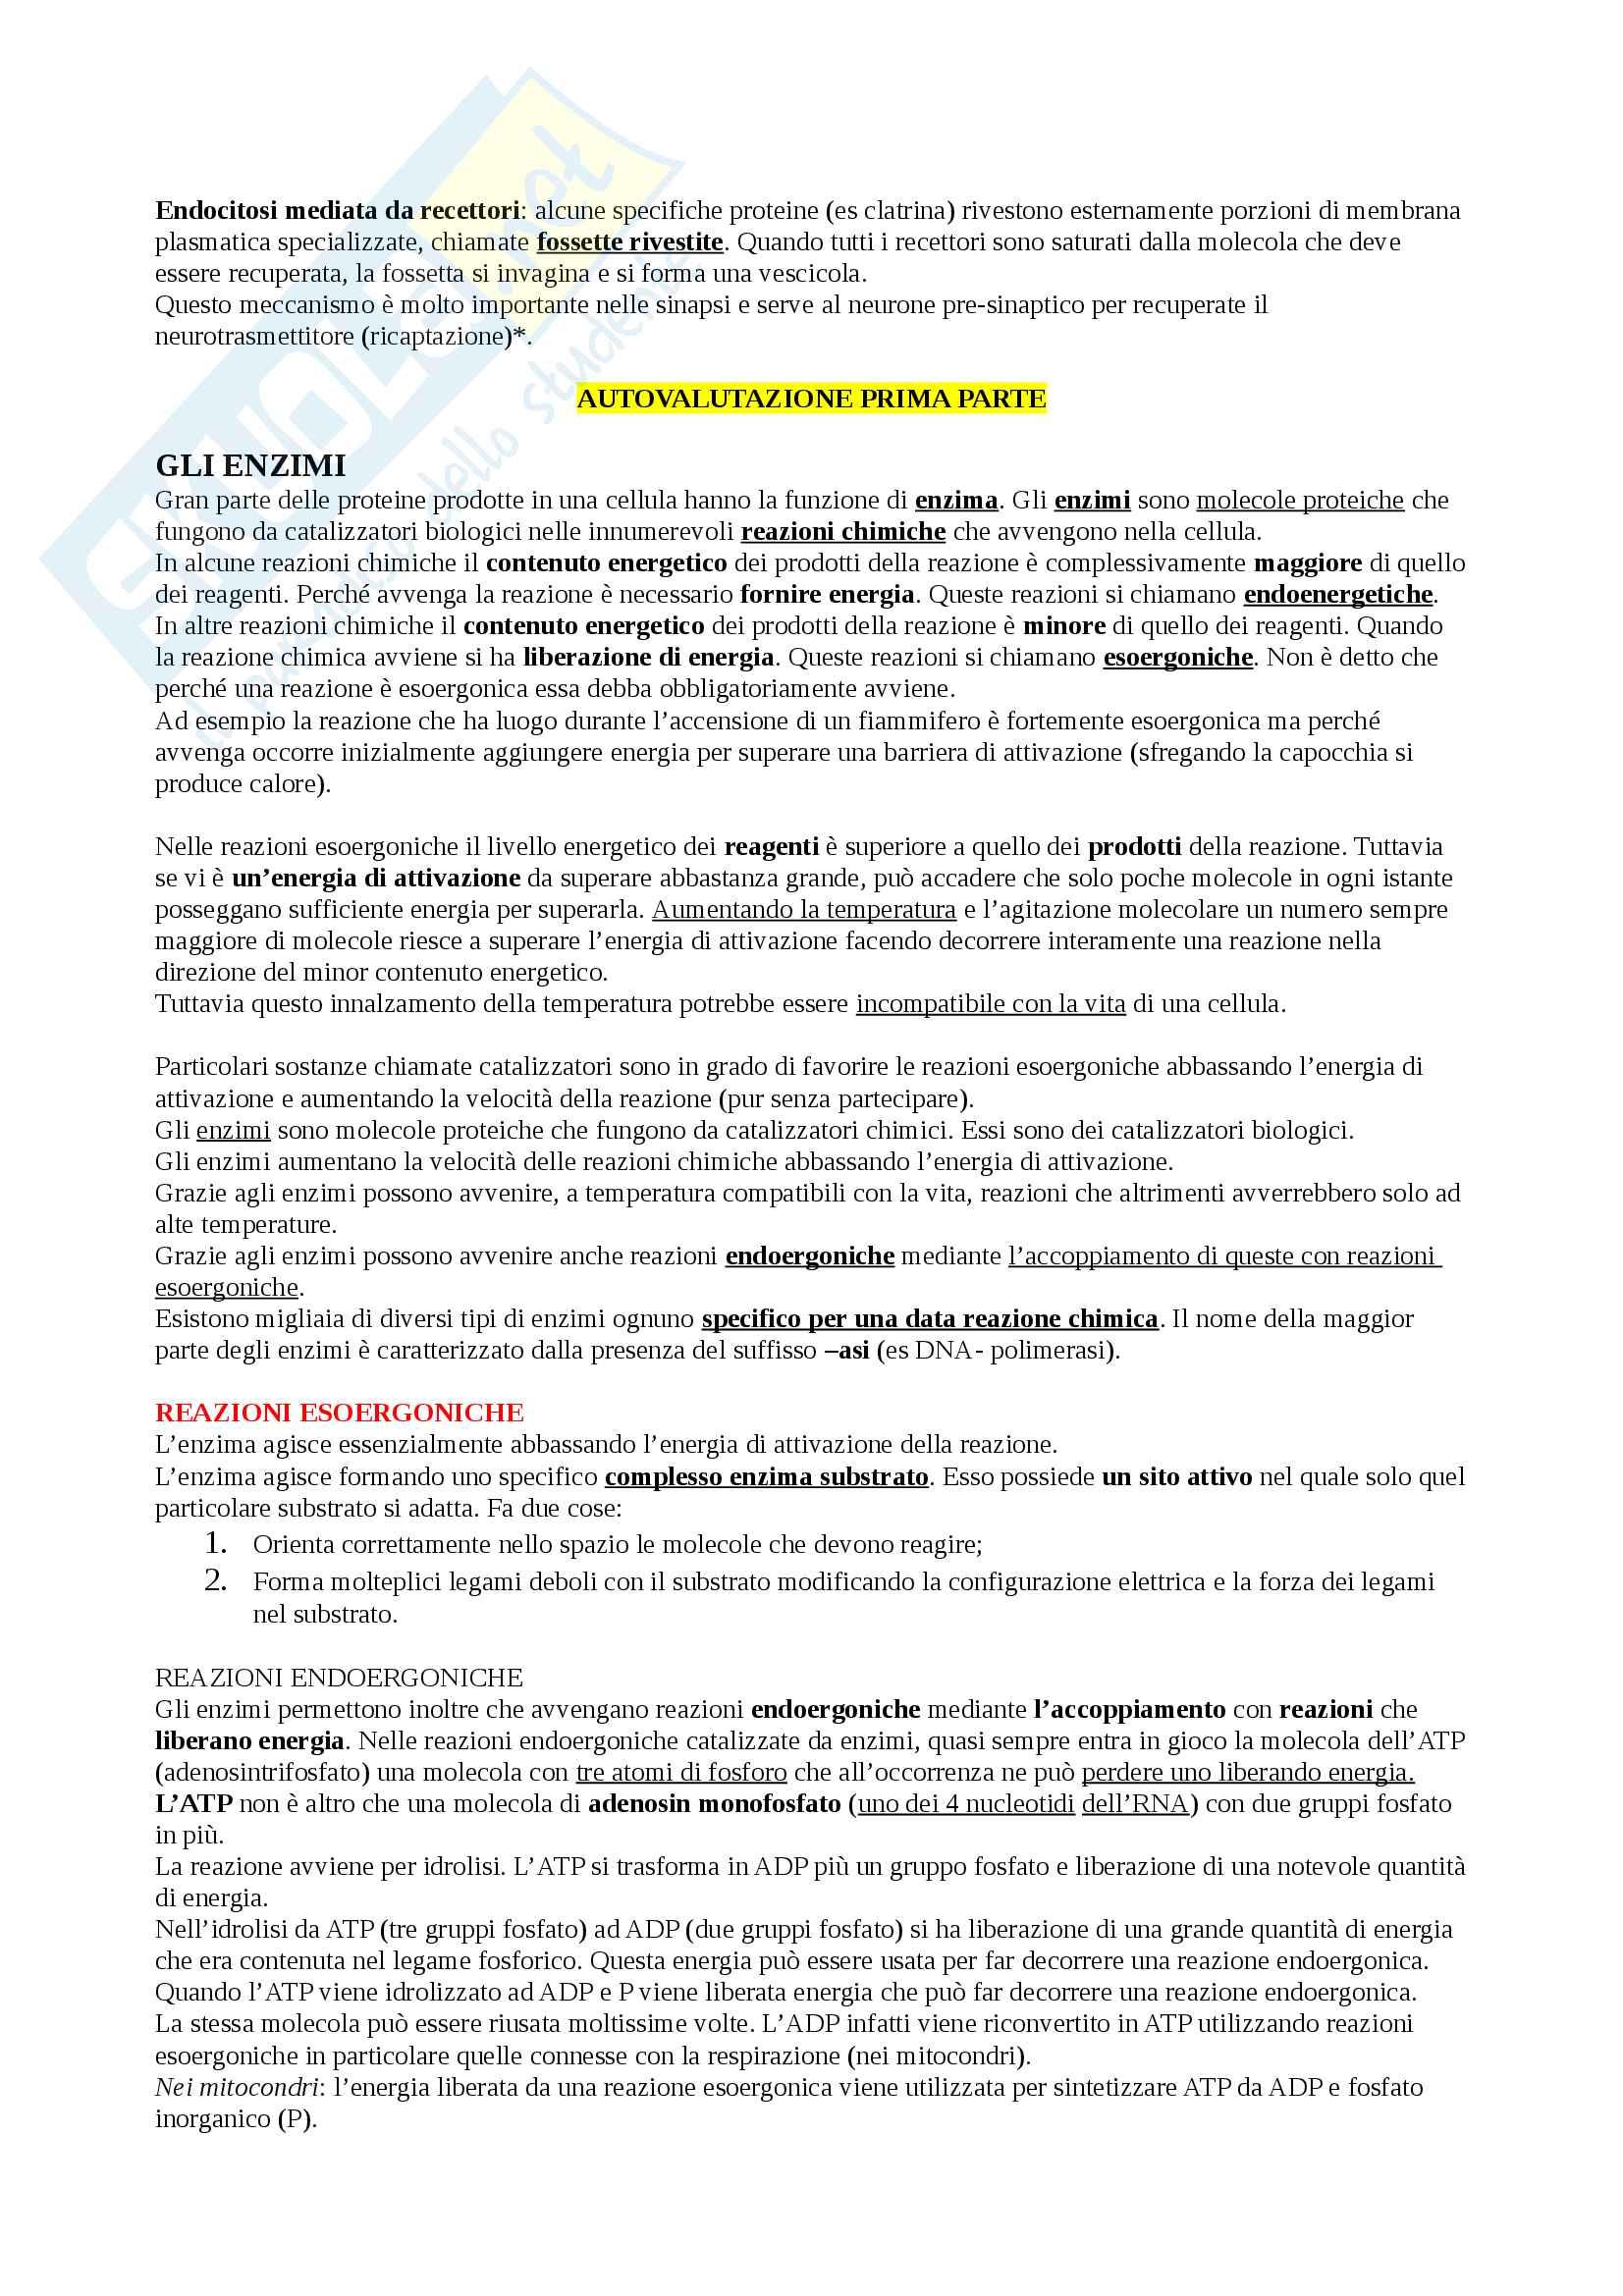 Appunti Biologia-Chimica per superare OFA!! Utile anche per superare il Test d'ingresso Pag. 21